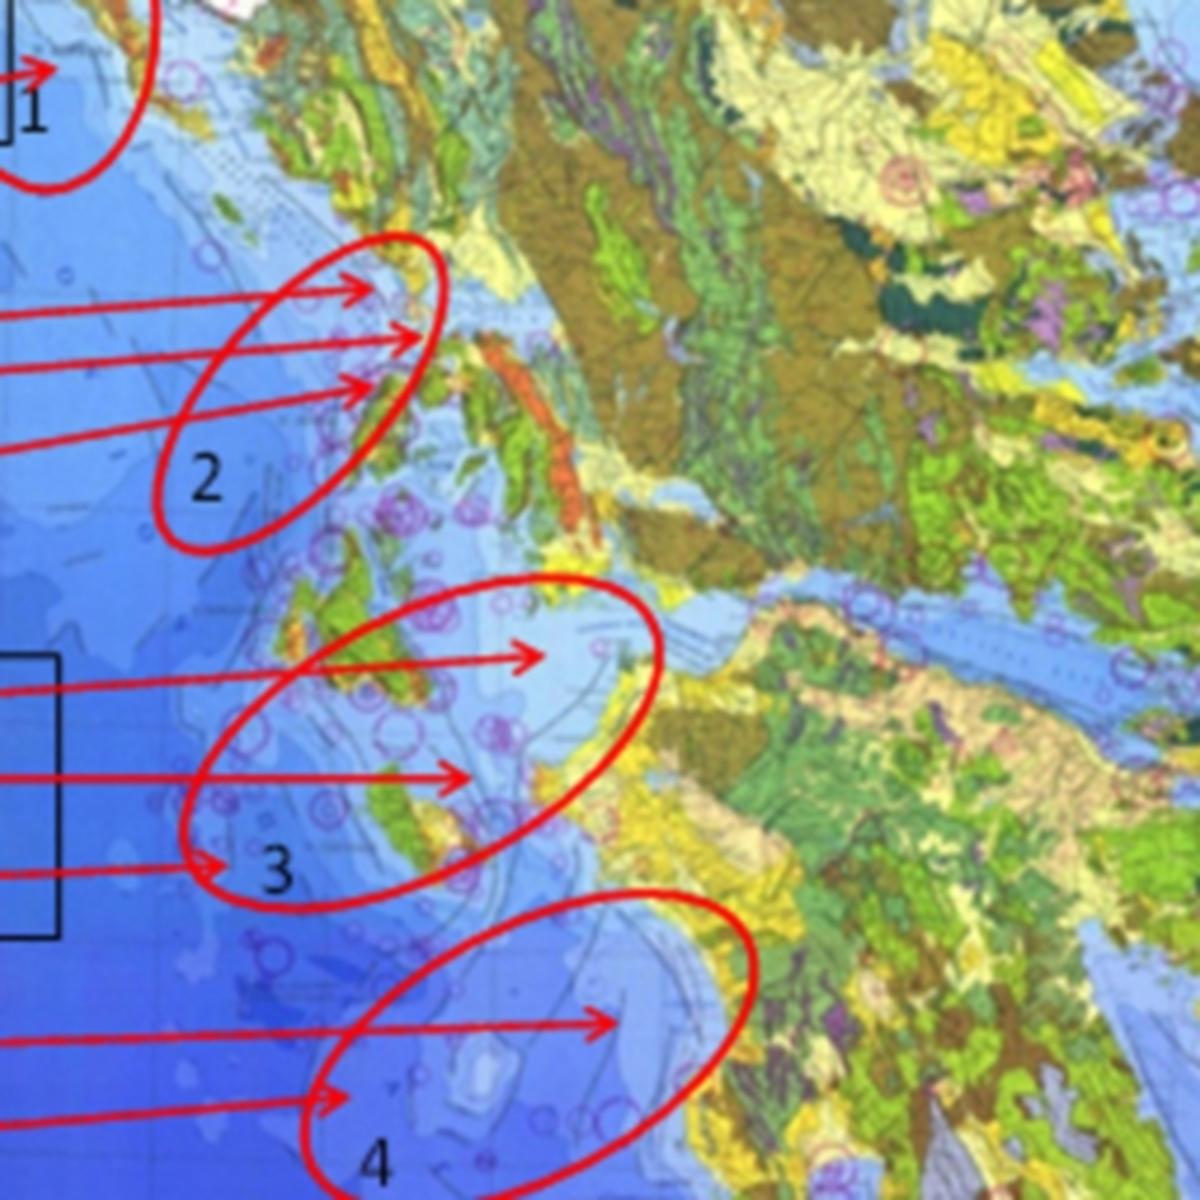 Ανακοίνωσε έρευνες για αέριο και πετρέλαιο ο Παπανδρέου – Δείτε τους χάρτες   Newsit.gr